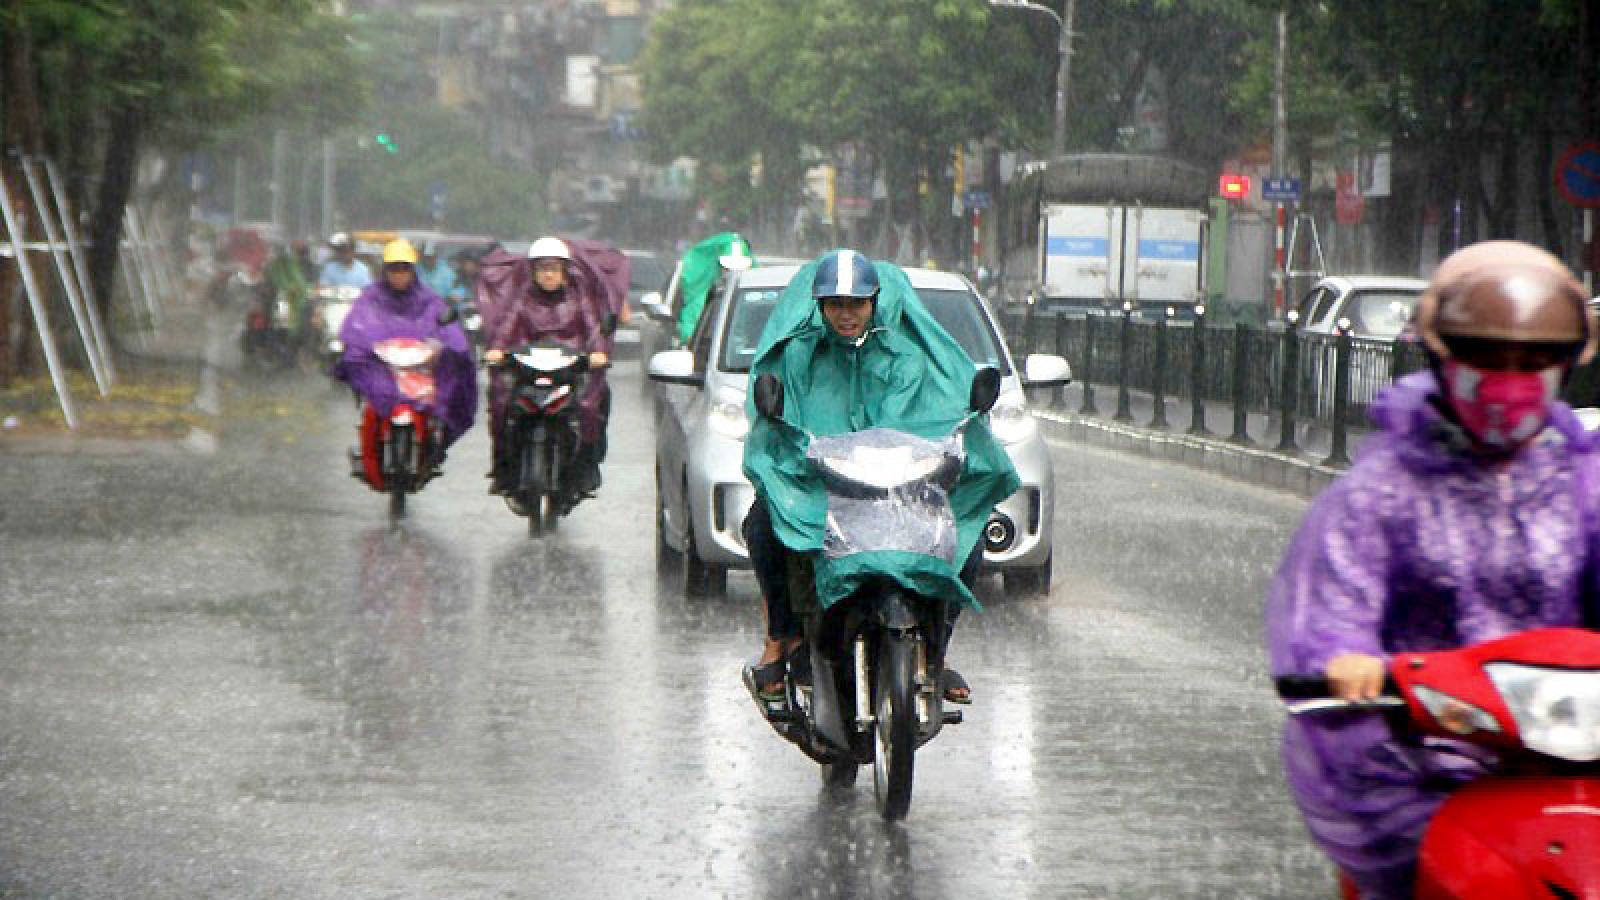 Thời tiết ngày 19/9: Bão số 5 suy yếu, mưa trên diện rộng ở nhiều nơi